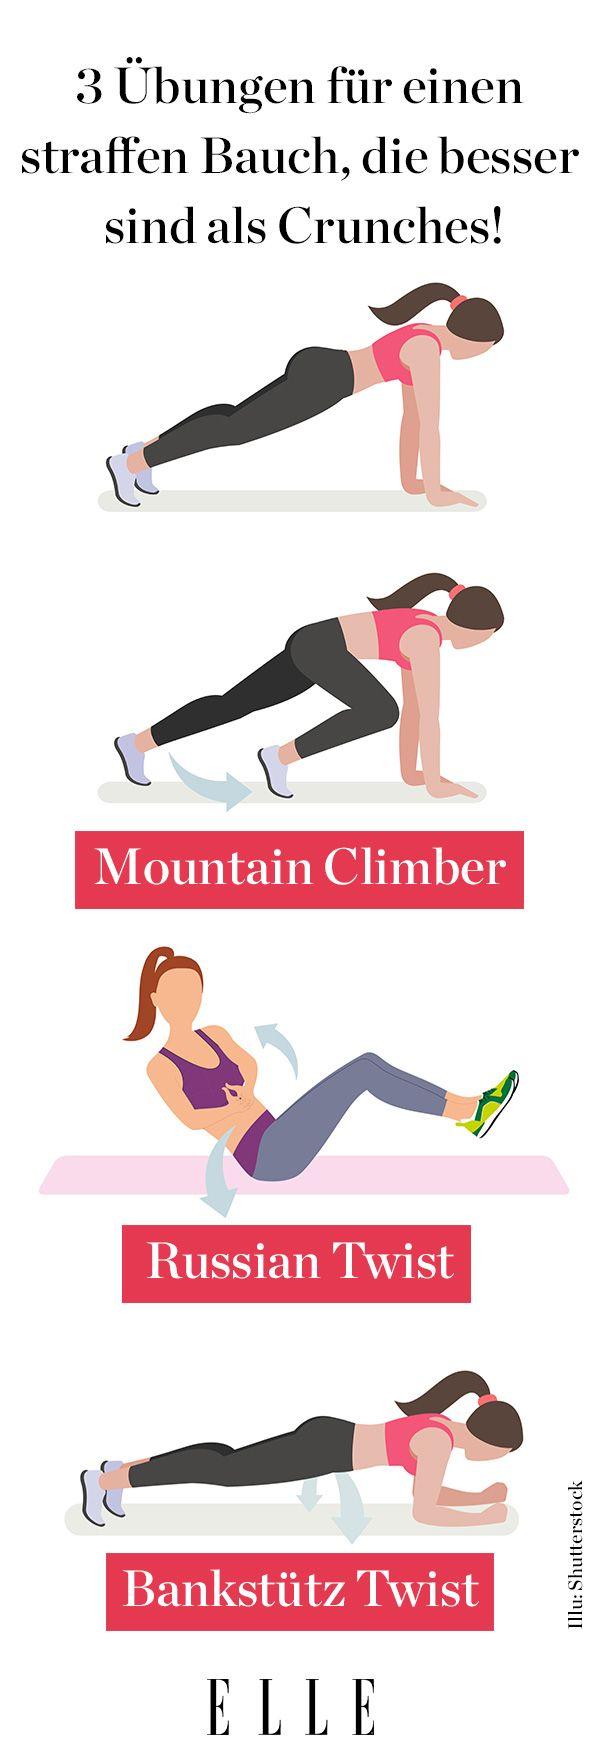 Flach, straff und definiert – ein schöner und trainierter Bauch hat neben der richtigen Ernährung vor allem mit einem gezielten Workout zu tun. Klassische Crunches – auch Sit-ups genannt – werden dann trainiert. Dabei gibt es drei alternative Bauchübungen, die noch effektiver sind.